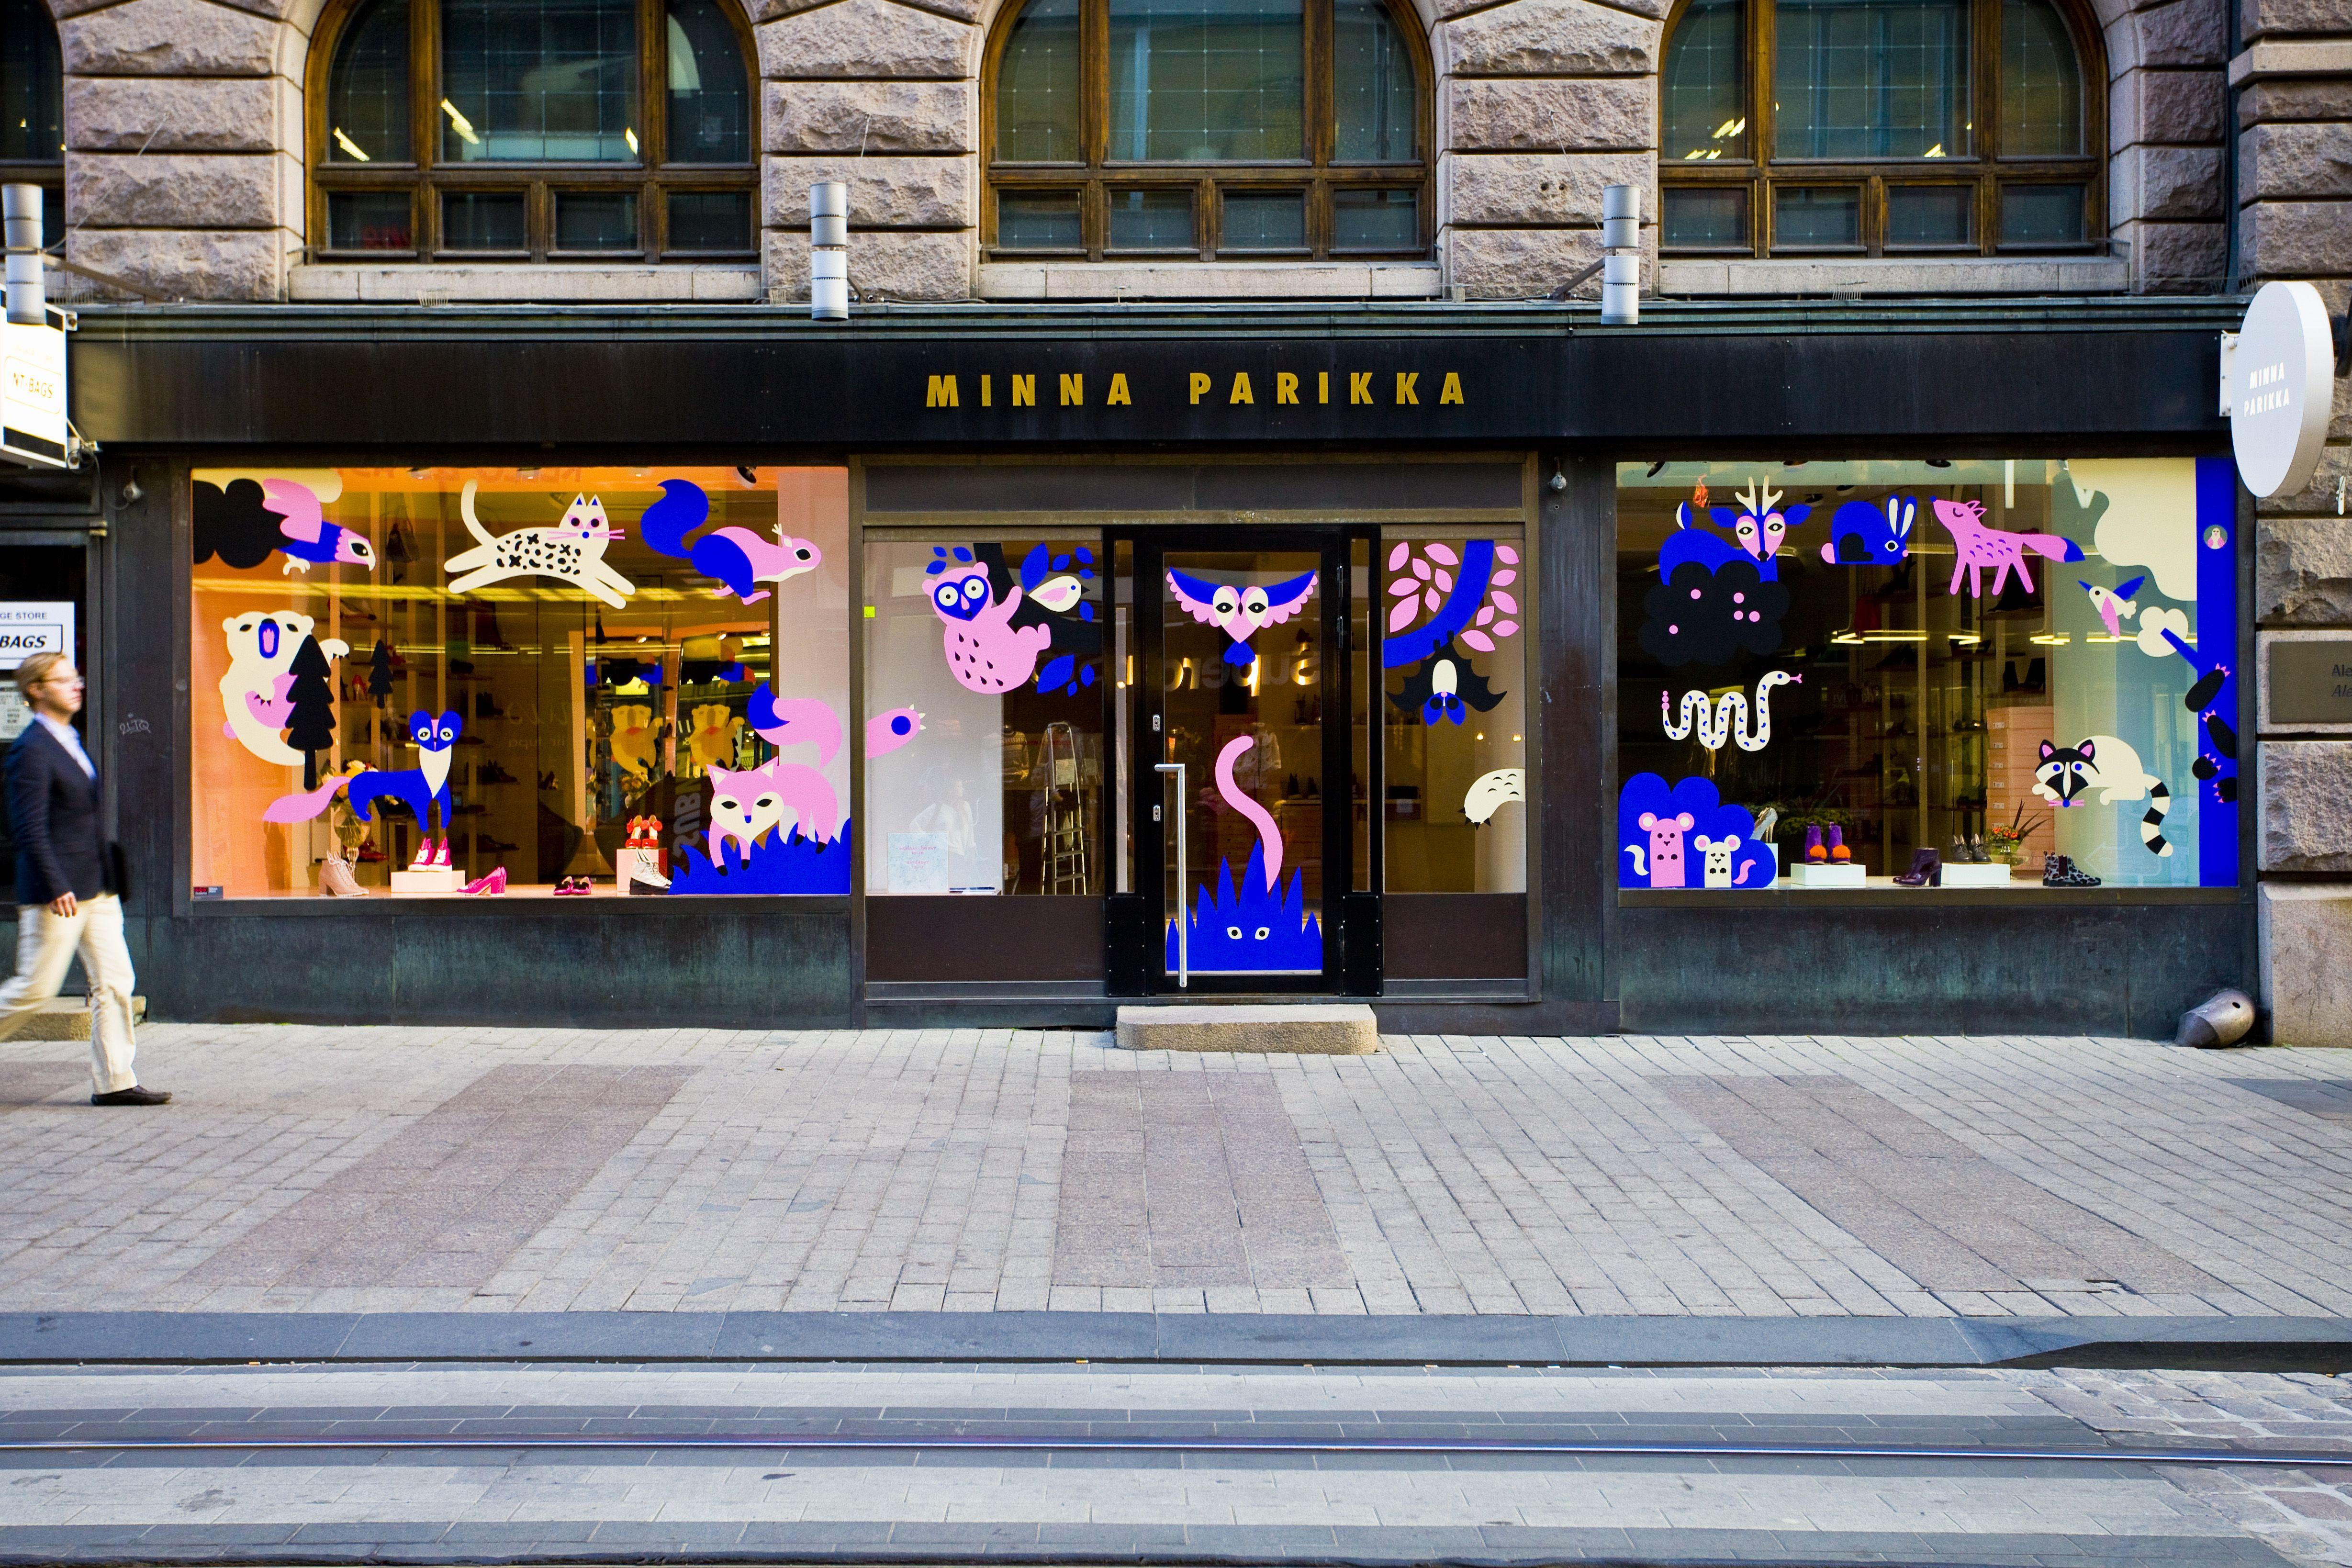 The Catch by Leena Kisonen & Krista Kärki for Minna Parikka #helsinkidesignweek #illustration #windowdisplay #leenakisonen #kristakarki